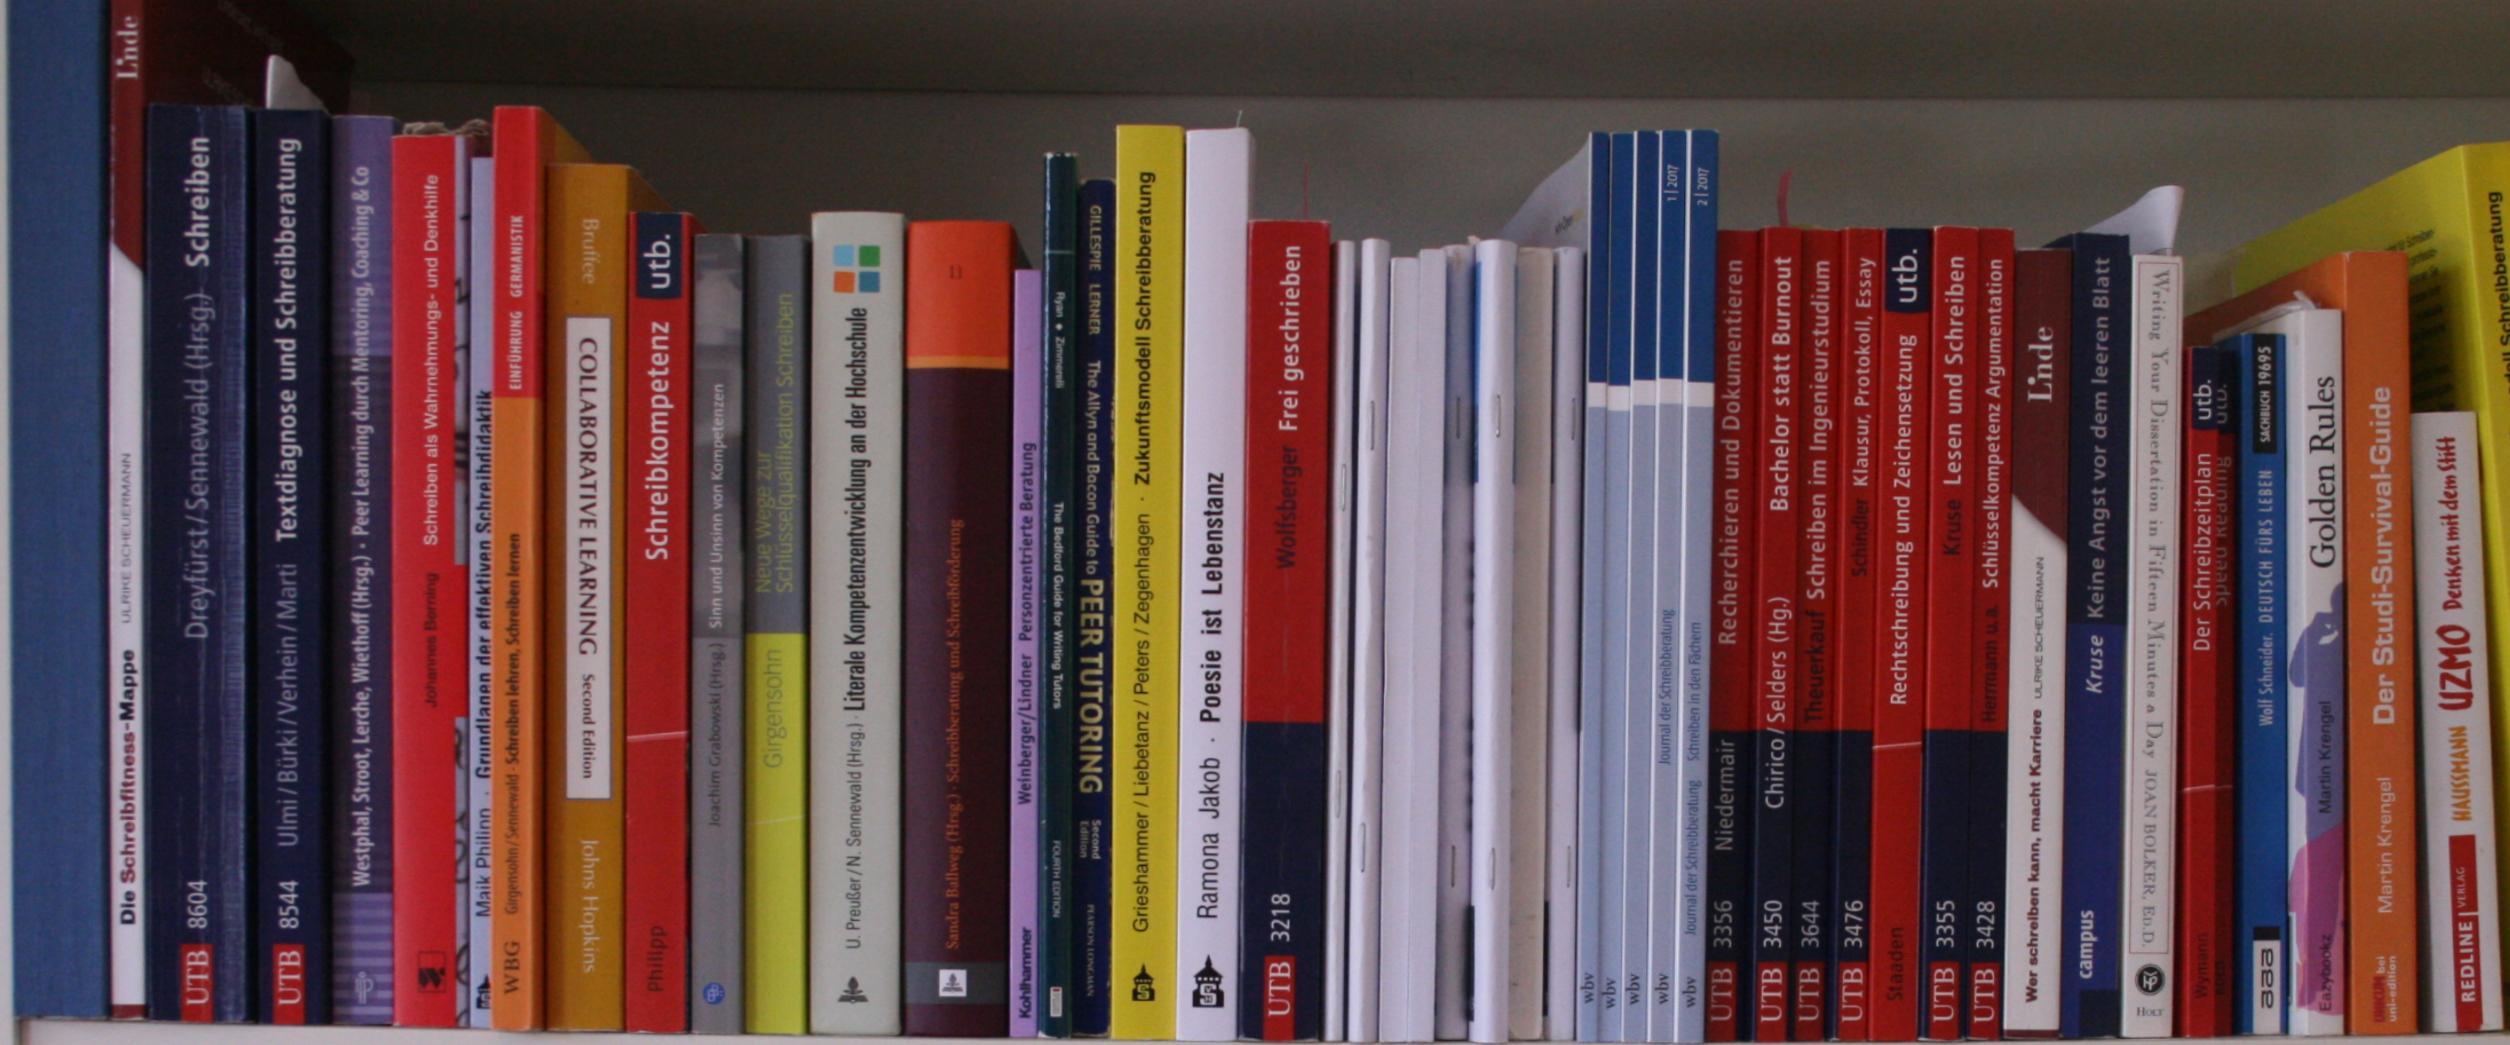 Bücherregal-Hildesheim-lesen